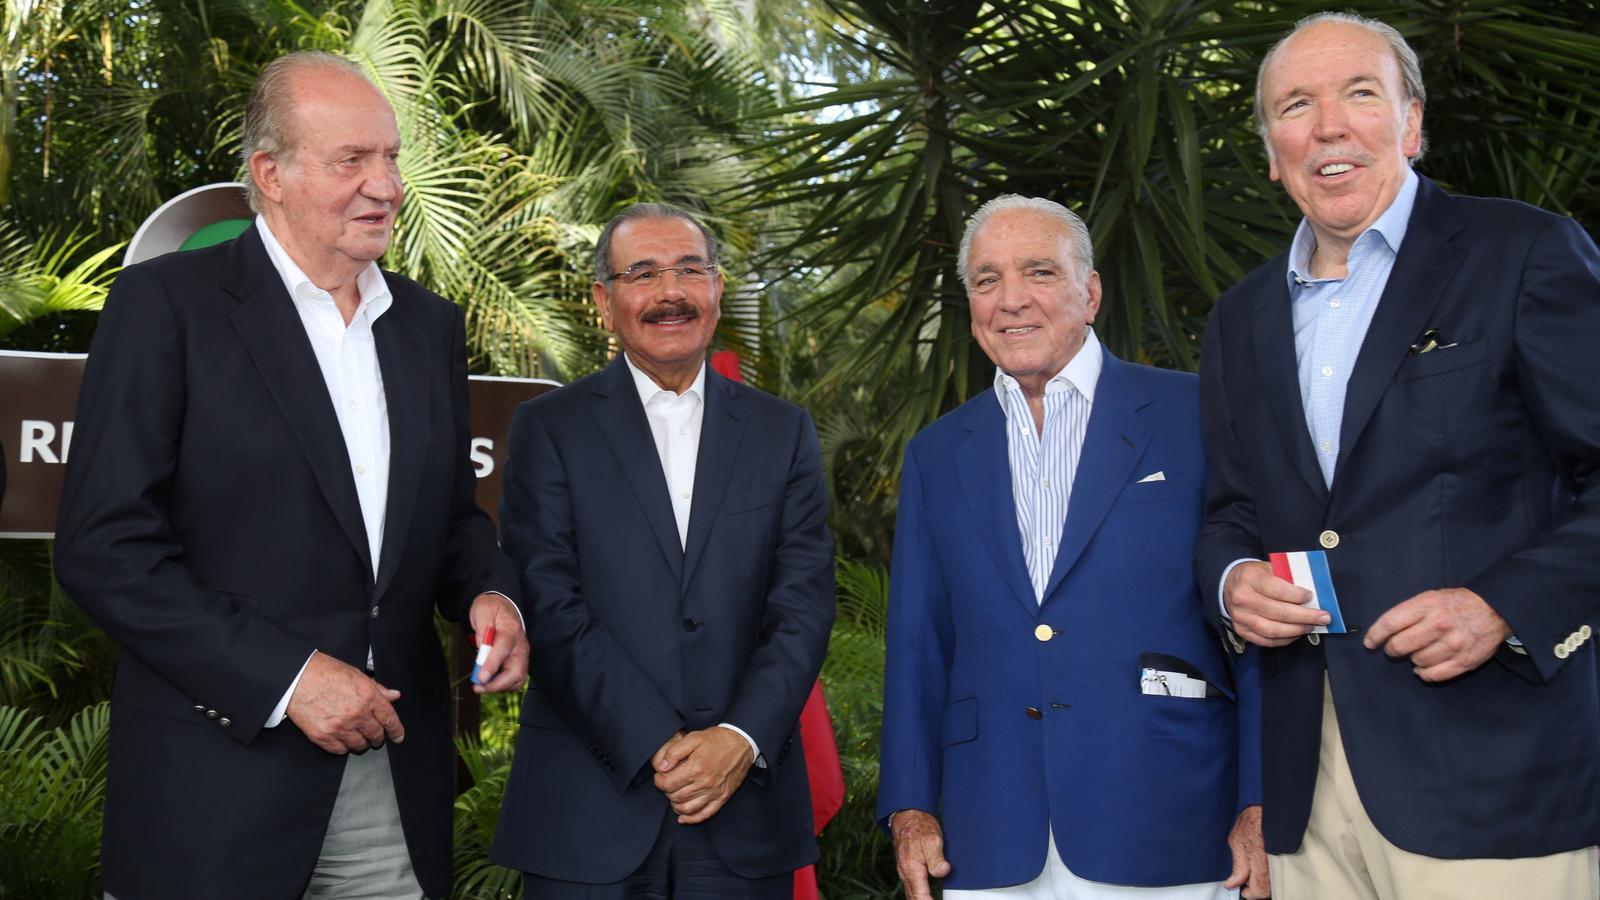 Joan Carles I amb el president de la República Dominicana, Danilo Medina, i  Alfonso i Pepe Fanjul (a la dreta) en una imatge d'arxiu